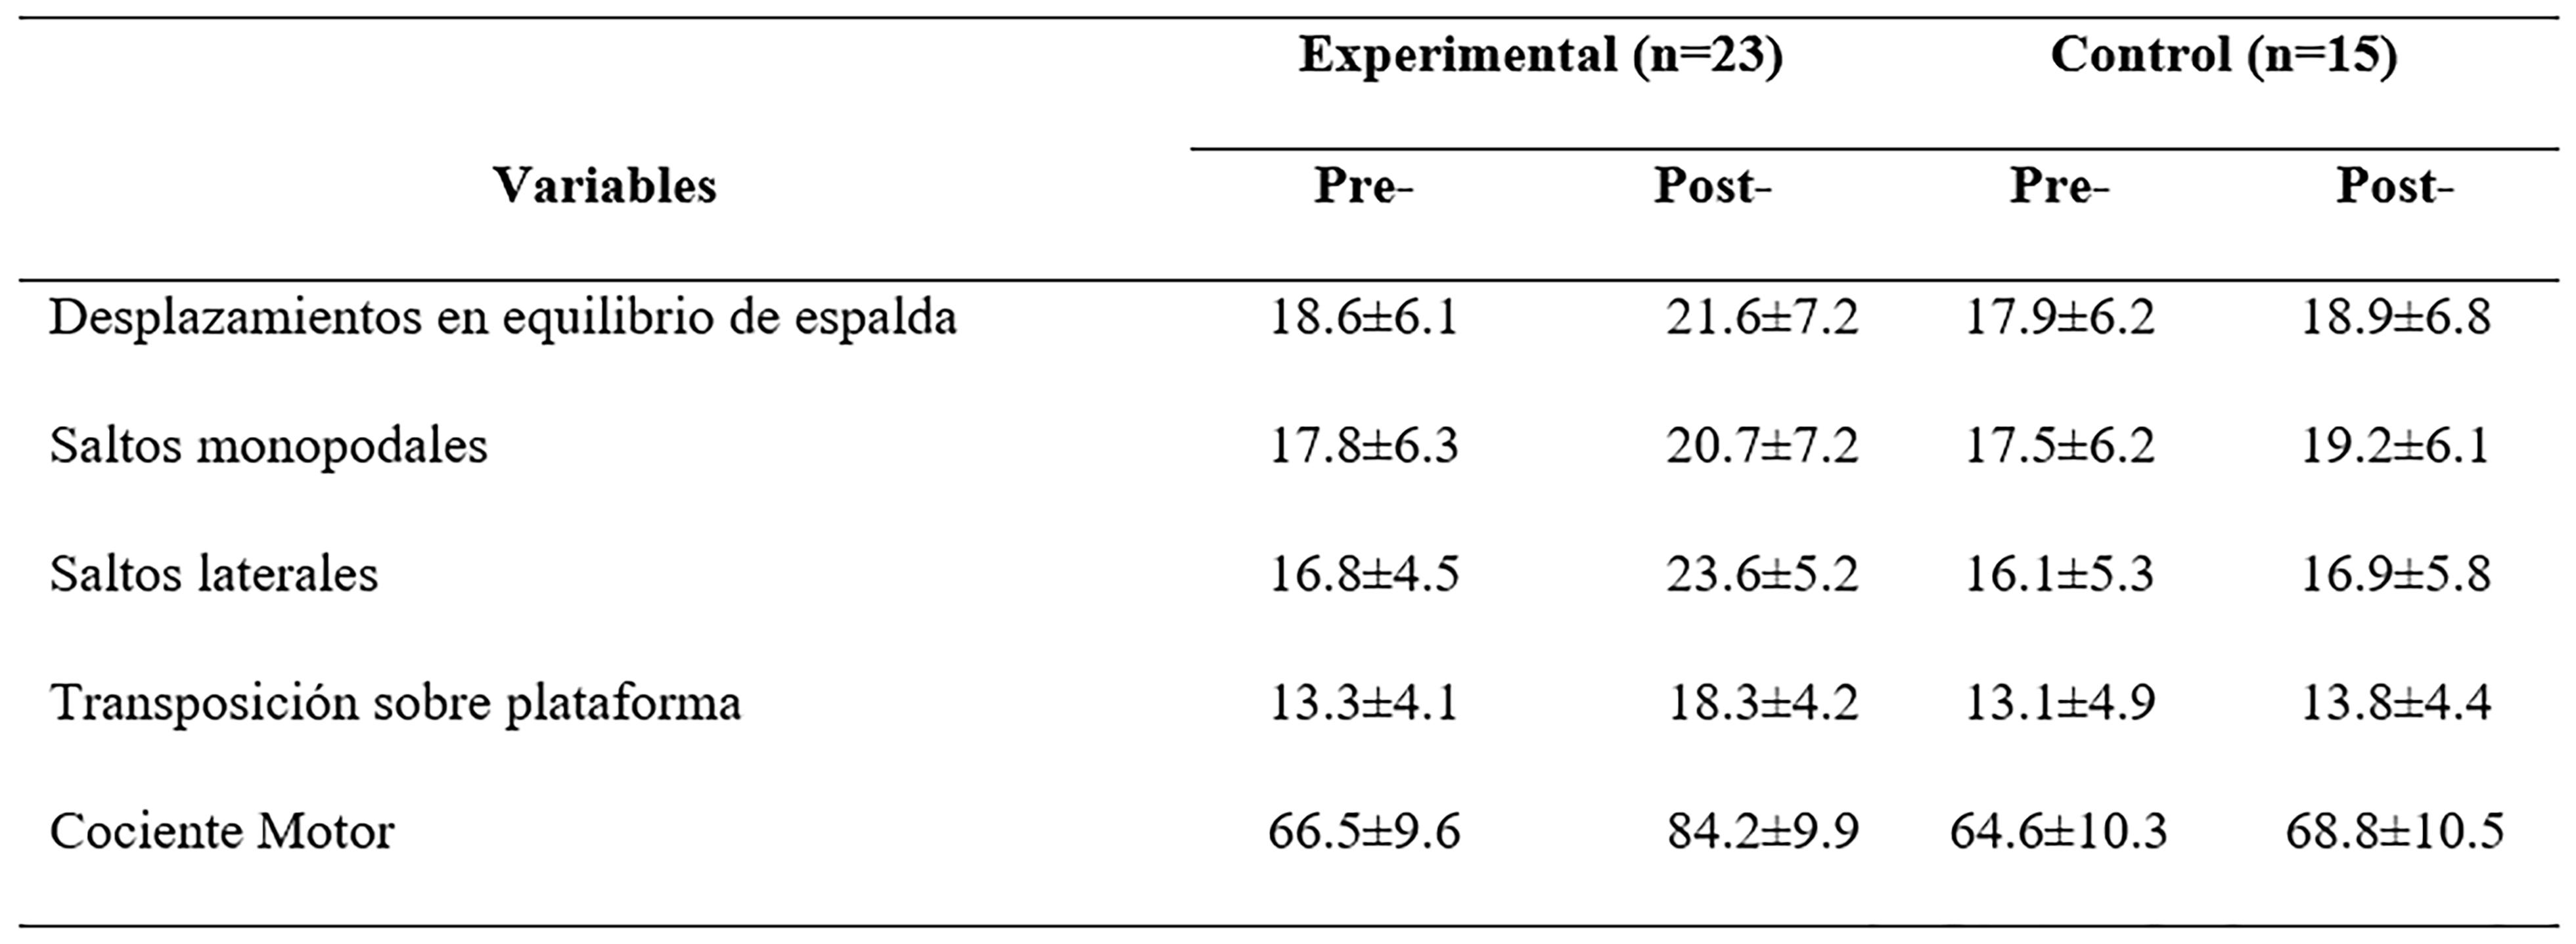 Estadísticas descriptivas (M ± DE) de los sujetos participantes en el estudio (n=38) evaluado por el test KTK.